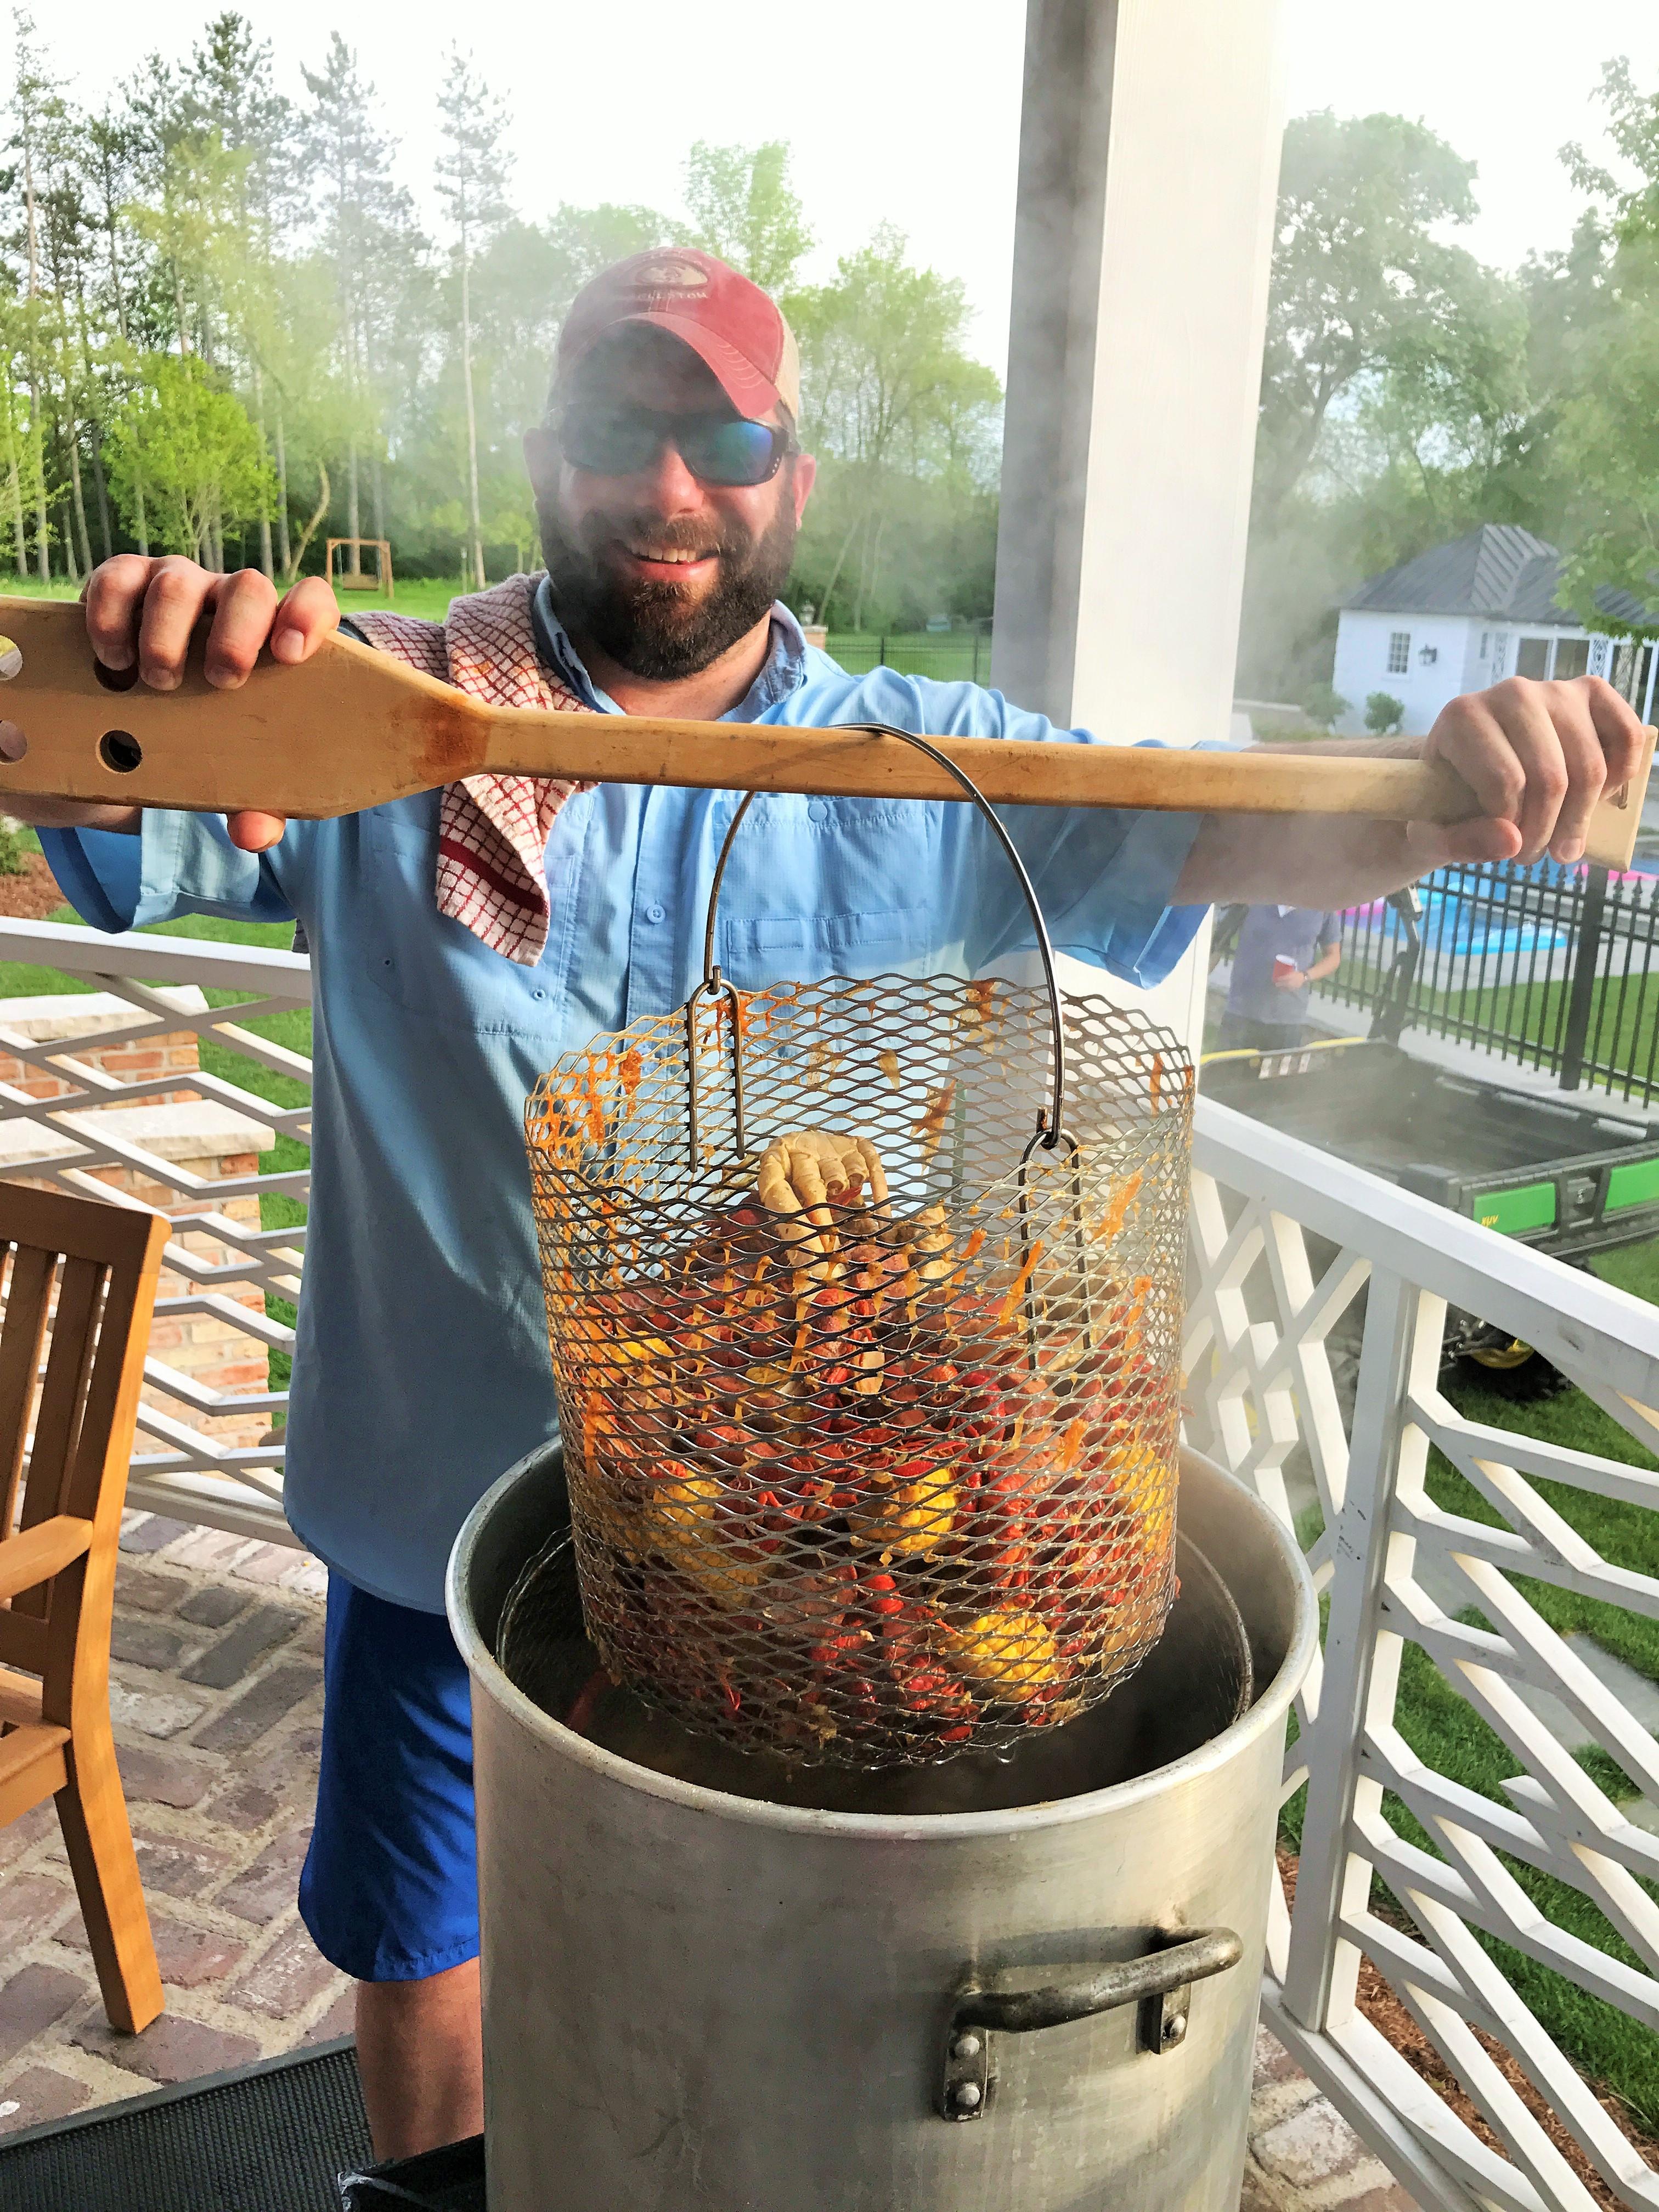 Crawfish Boil Menu with Recipes